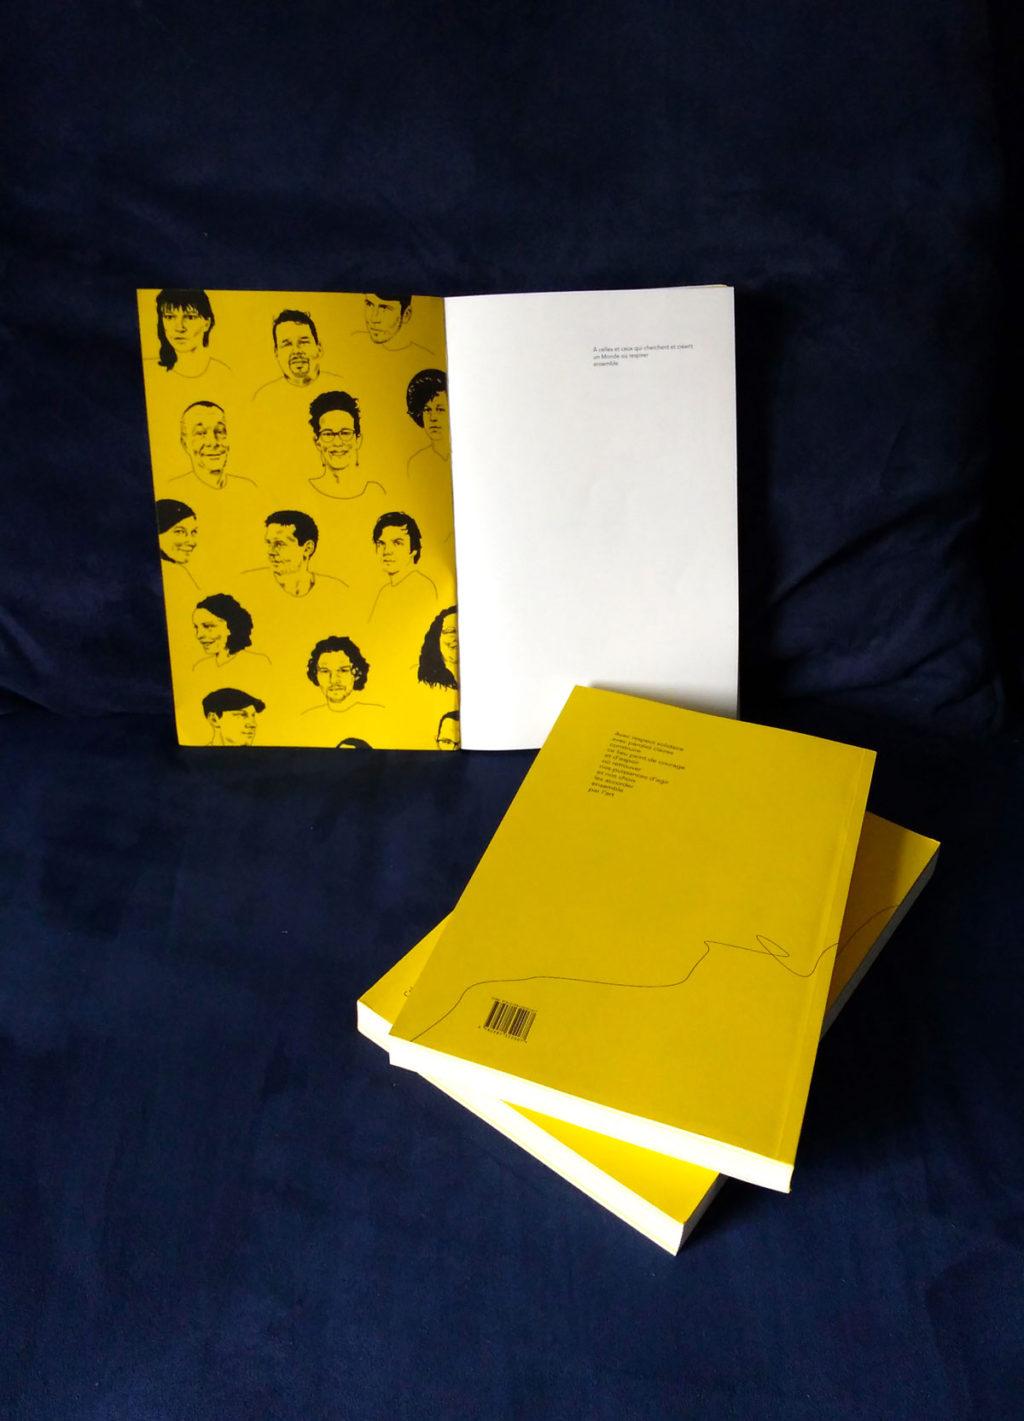 Série de portraits pour le livre Le Peuple Arpenteur, édité par Les Affranchis